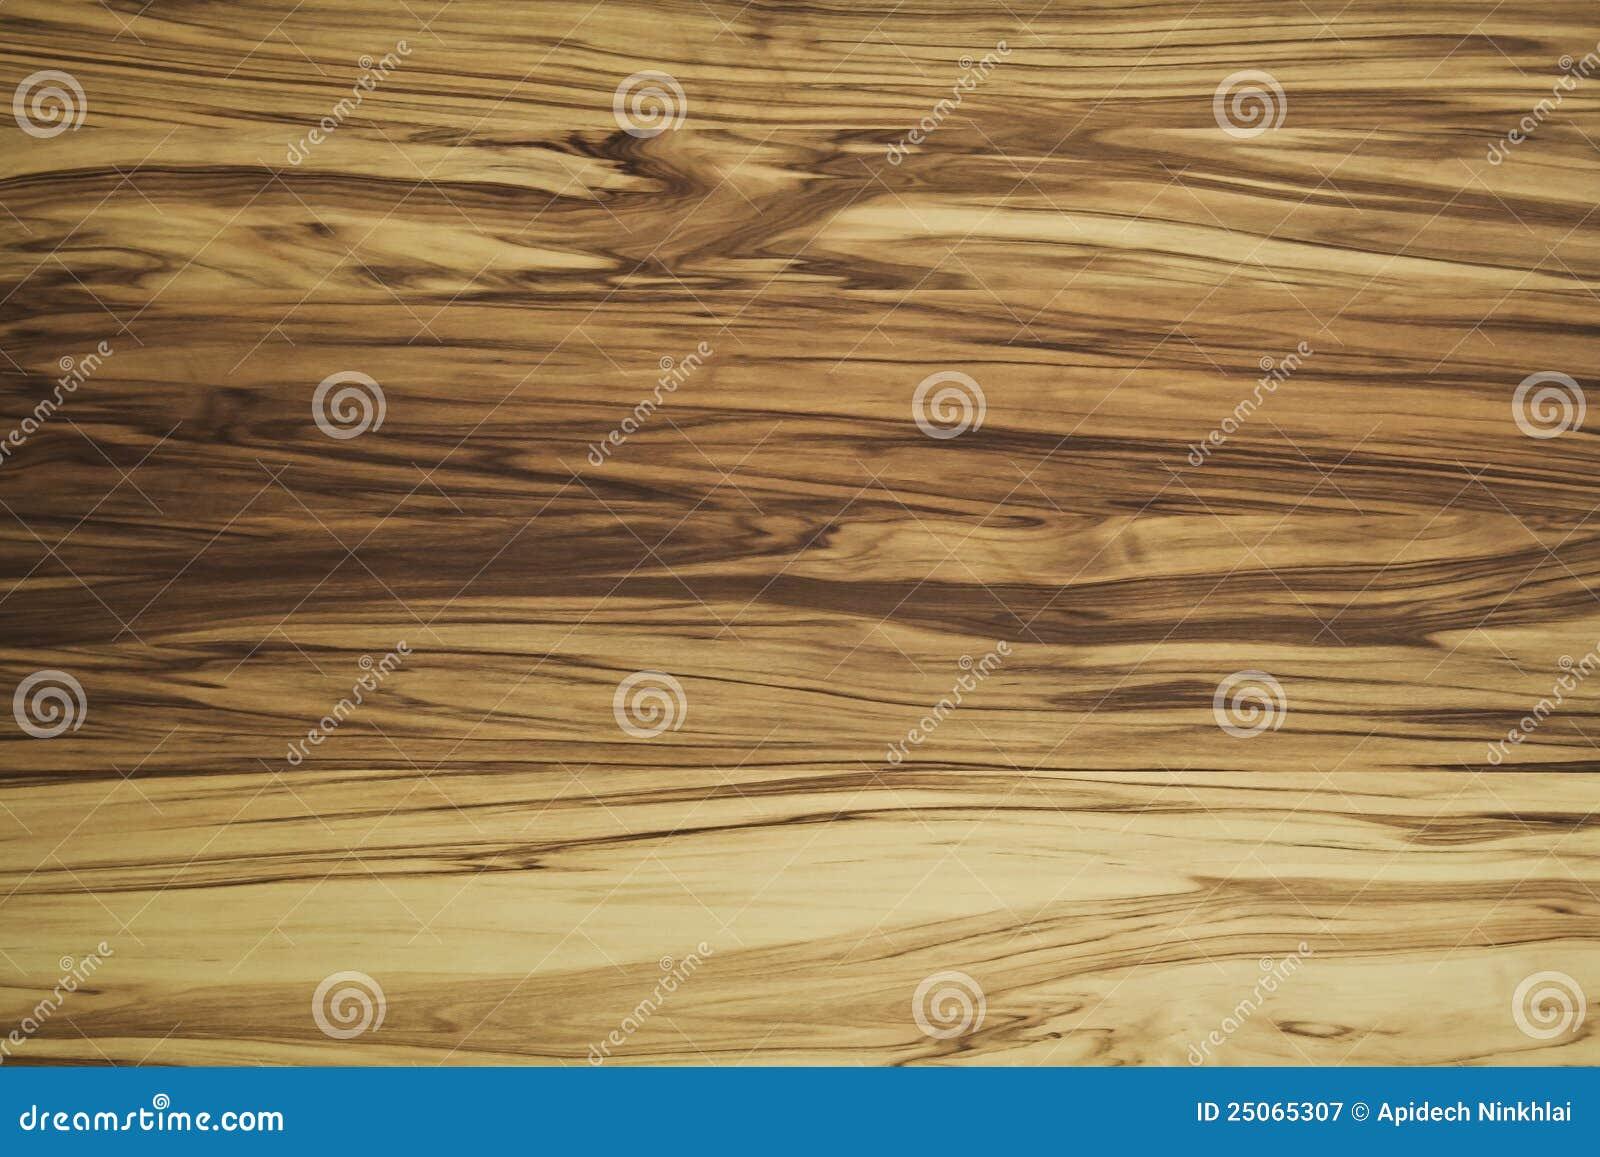 ... da Diritti: Venatura del legno di colore marrone scuro su una parete